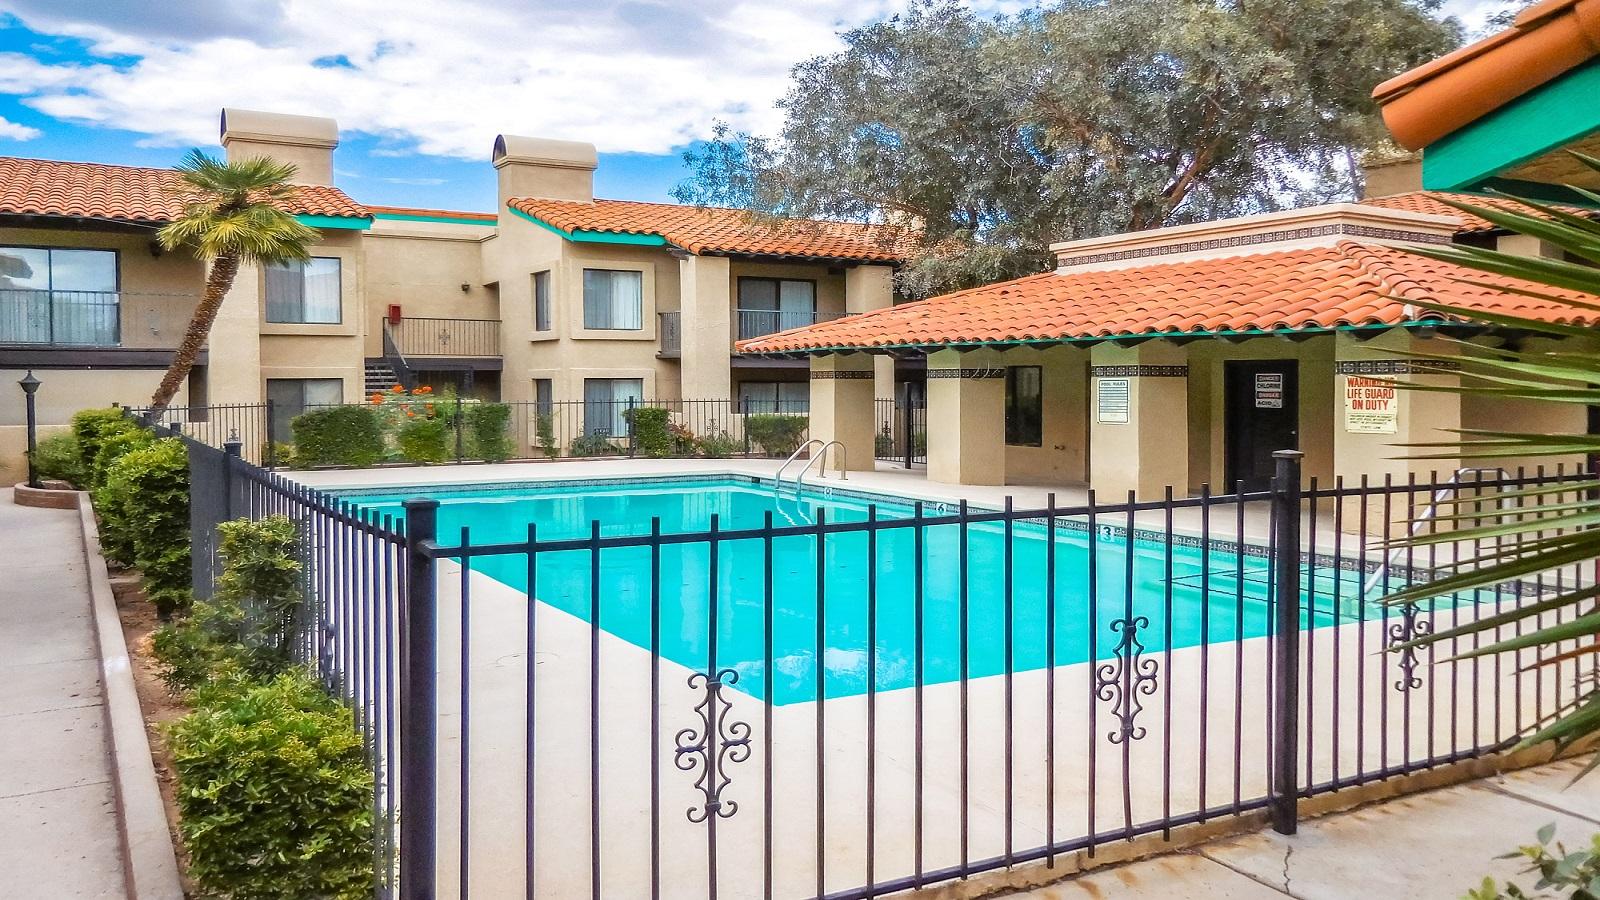 Villa Delano Apartments | 123 West Delano Street, Tucson, AZ 85705 | 32 Units | Built In 1980 | $1,850,000 | $57,813 Per Unit | $65.84 Per SF